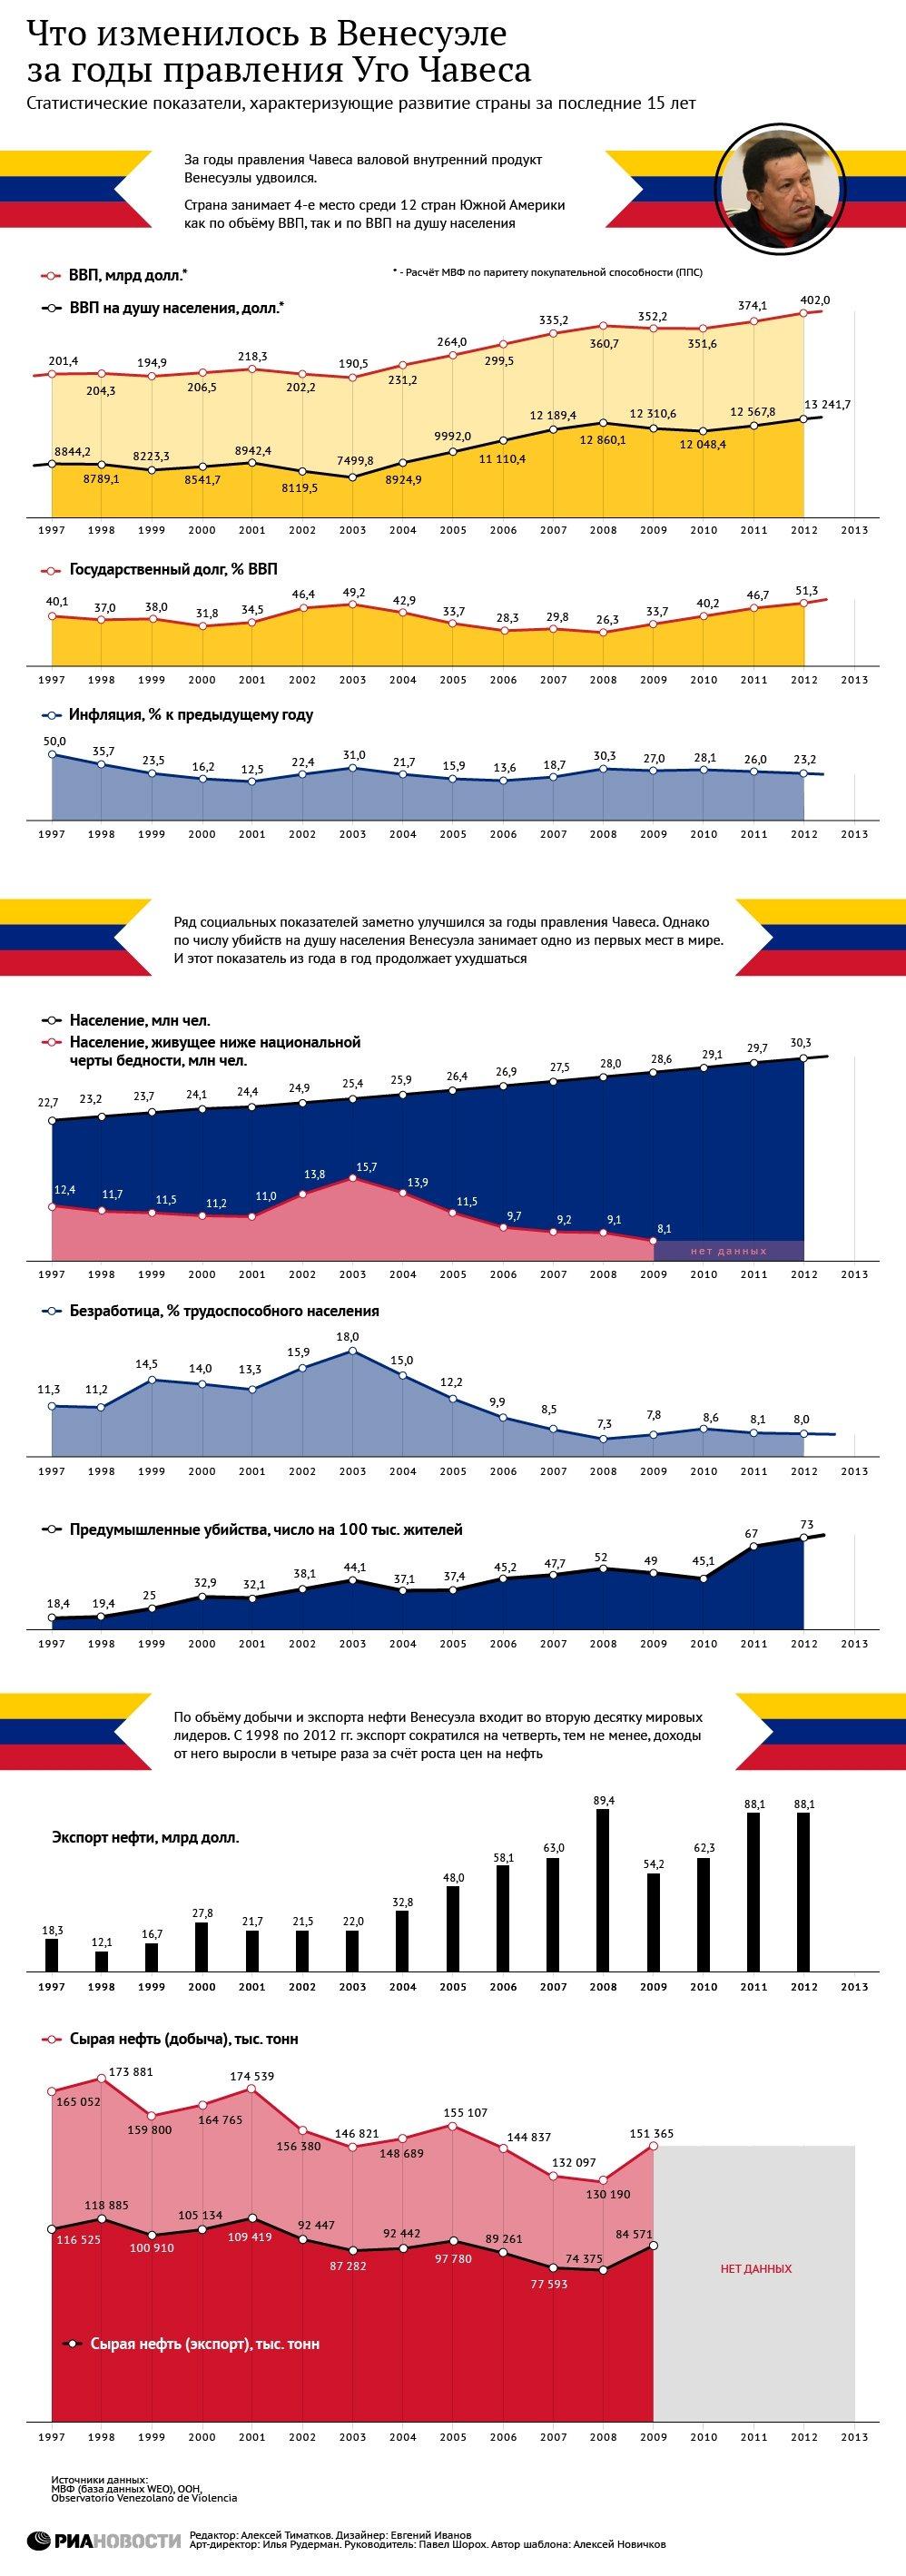 Что изменилось в Венесуэле за годы правления Уго Чавеса